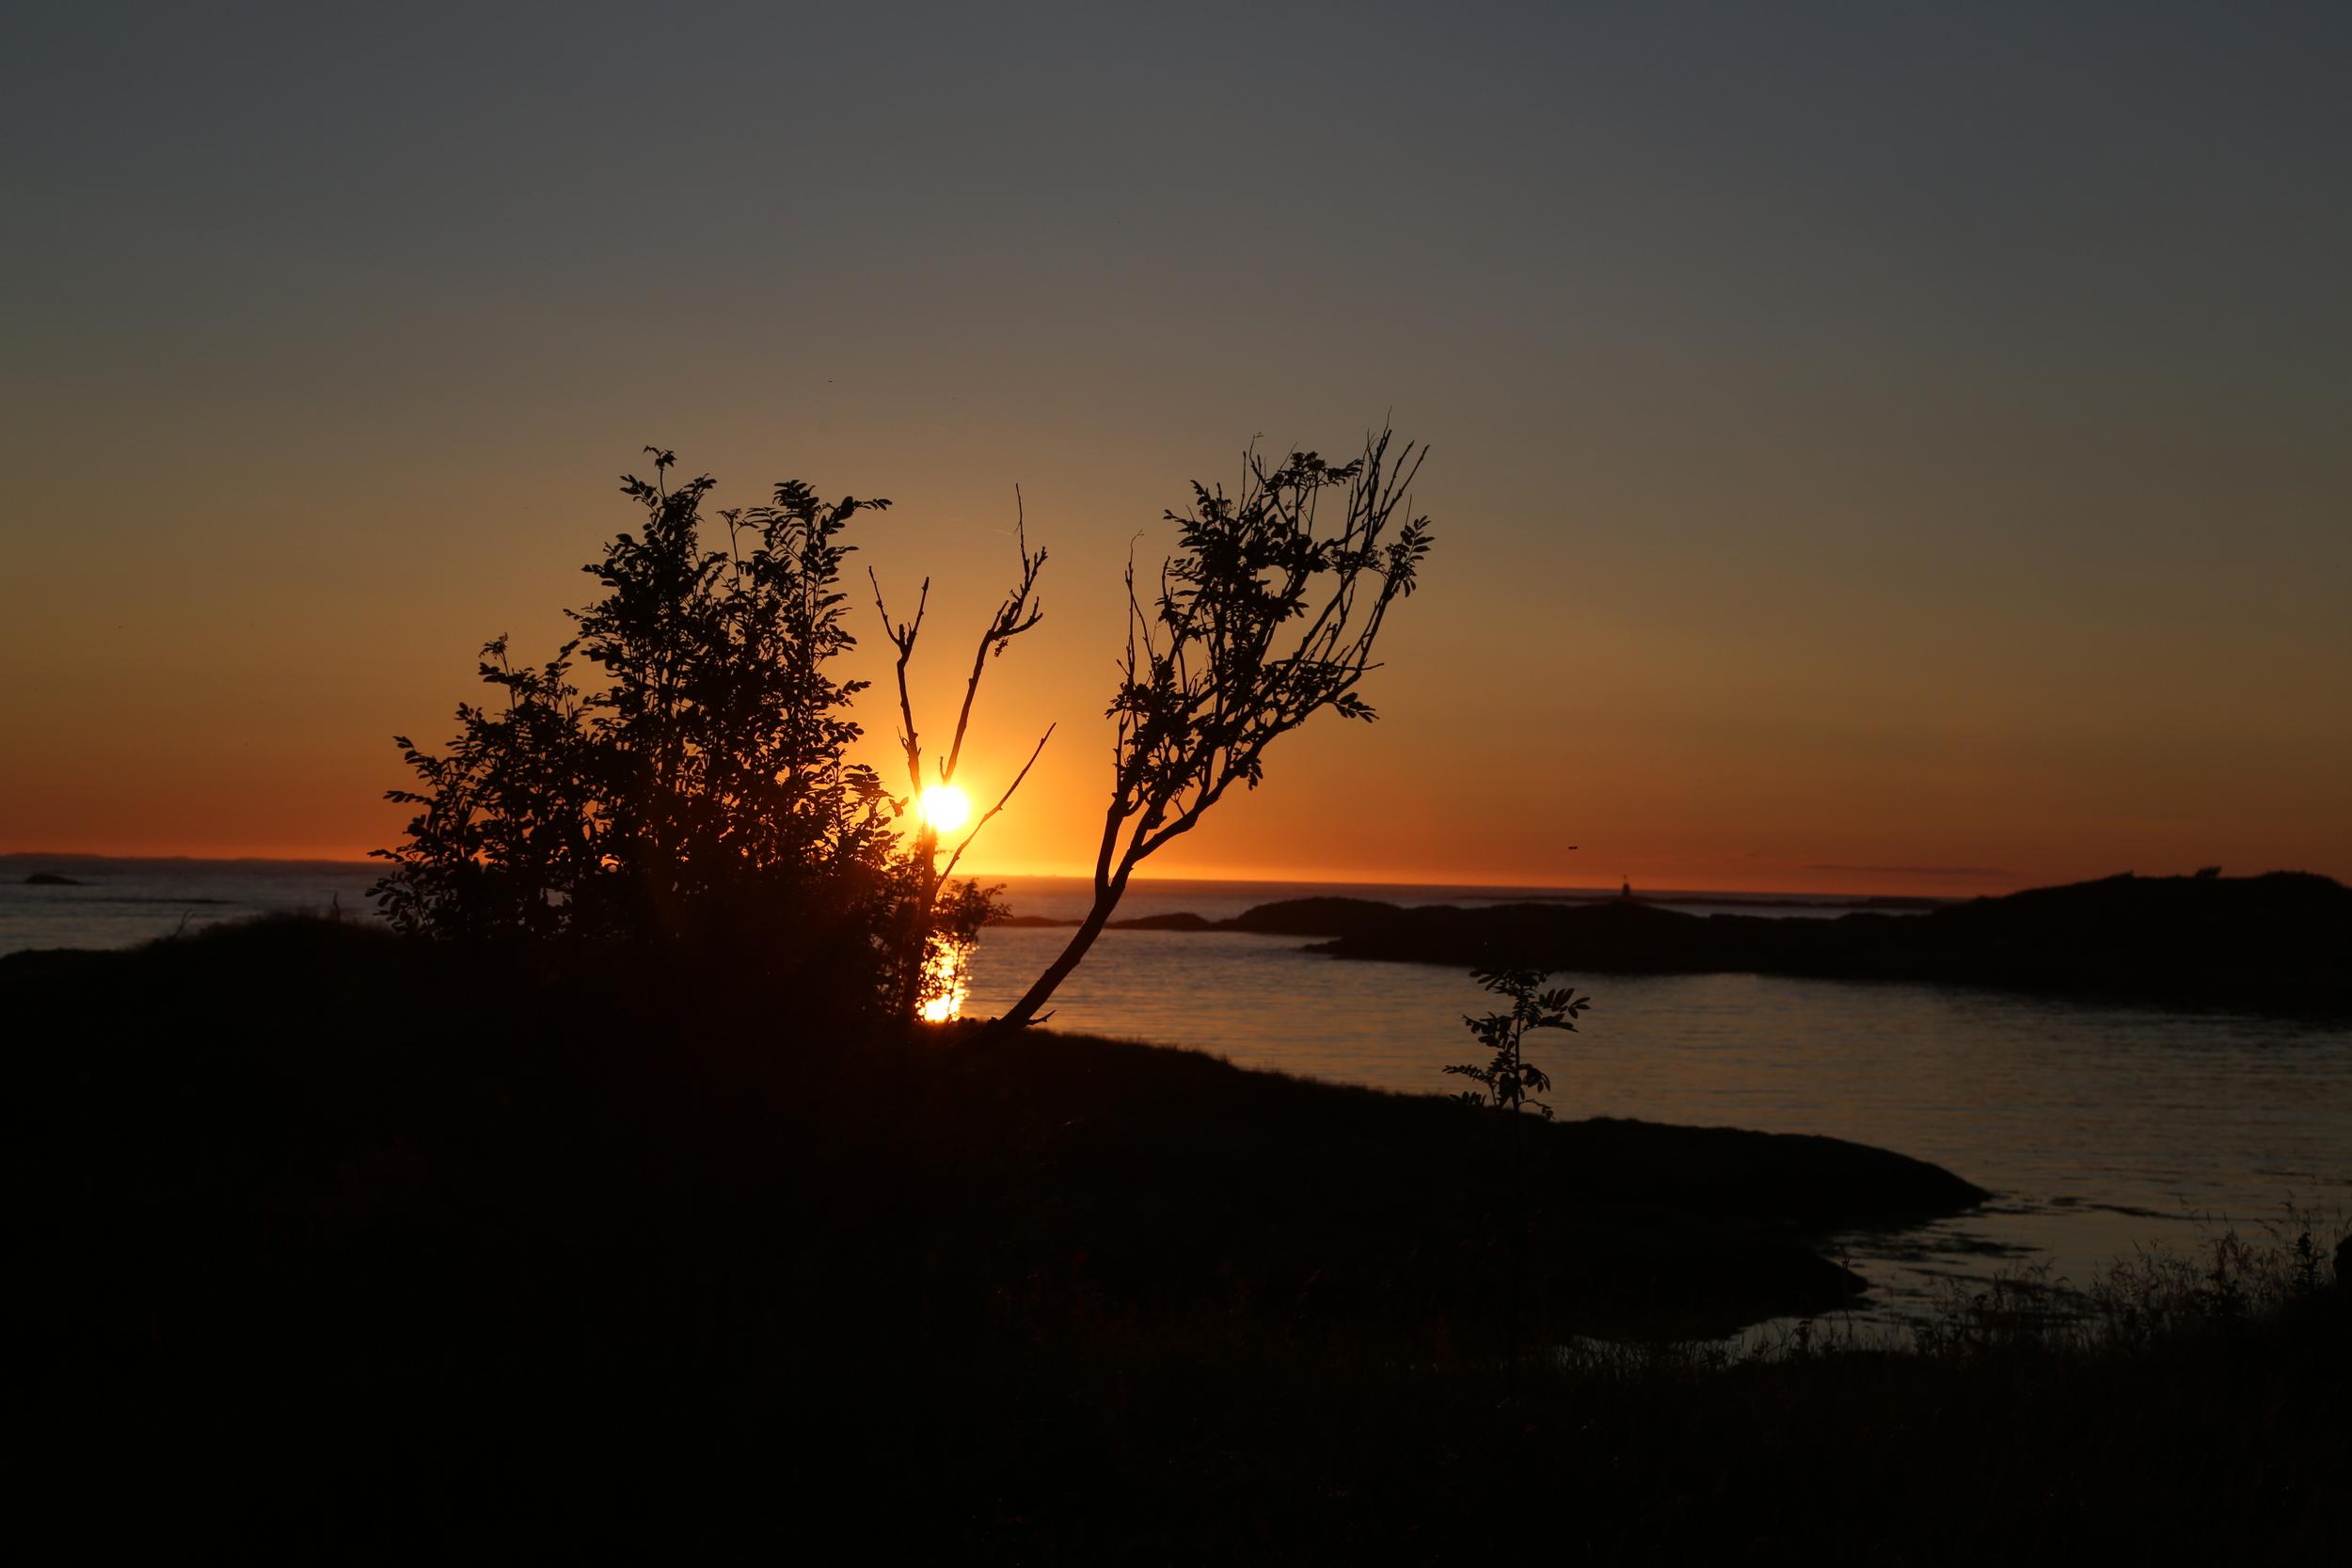 Nordvestlandet har de beste utsikter for turistene. dersom de tør å ta seg betalt. Og da er mat et viktig middel - for selger og kjøper. Foto: Odd Roar Lange